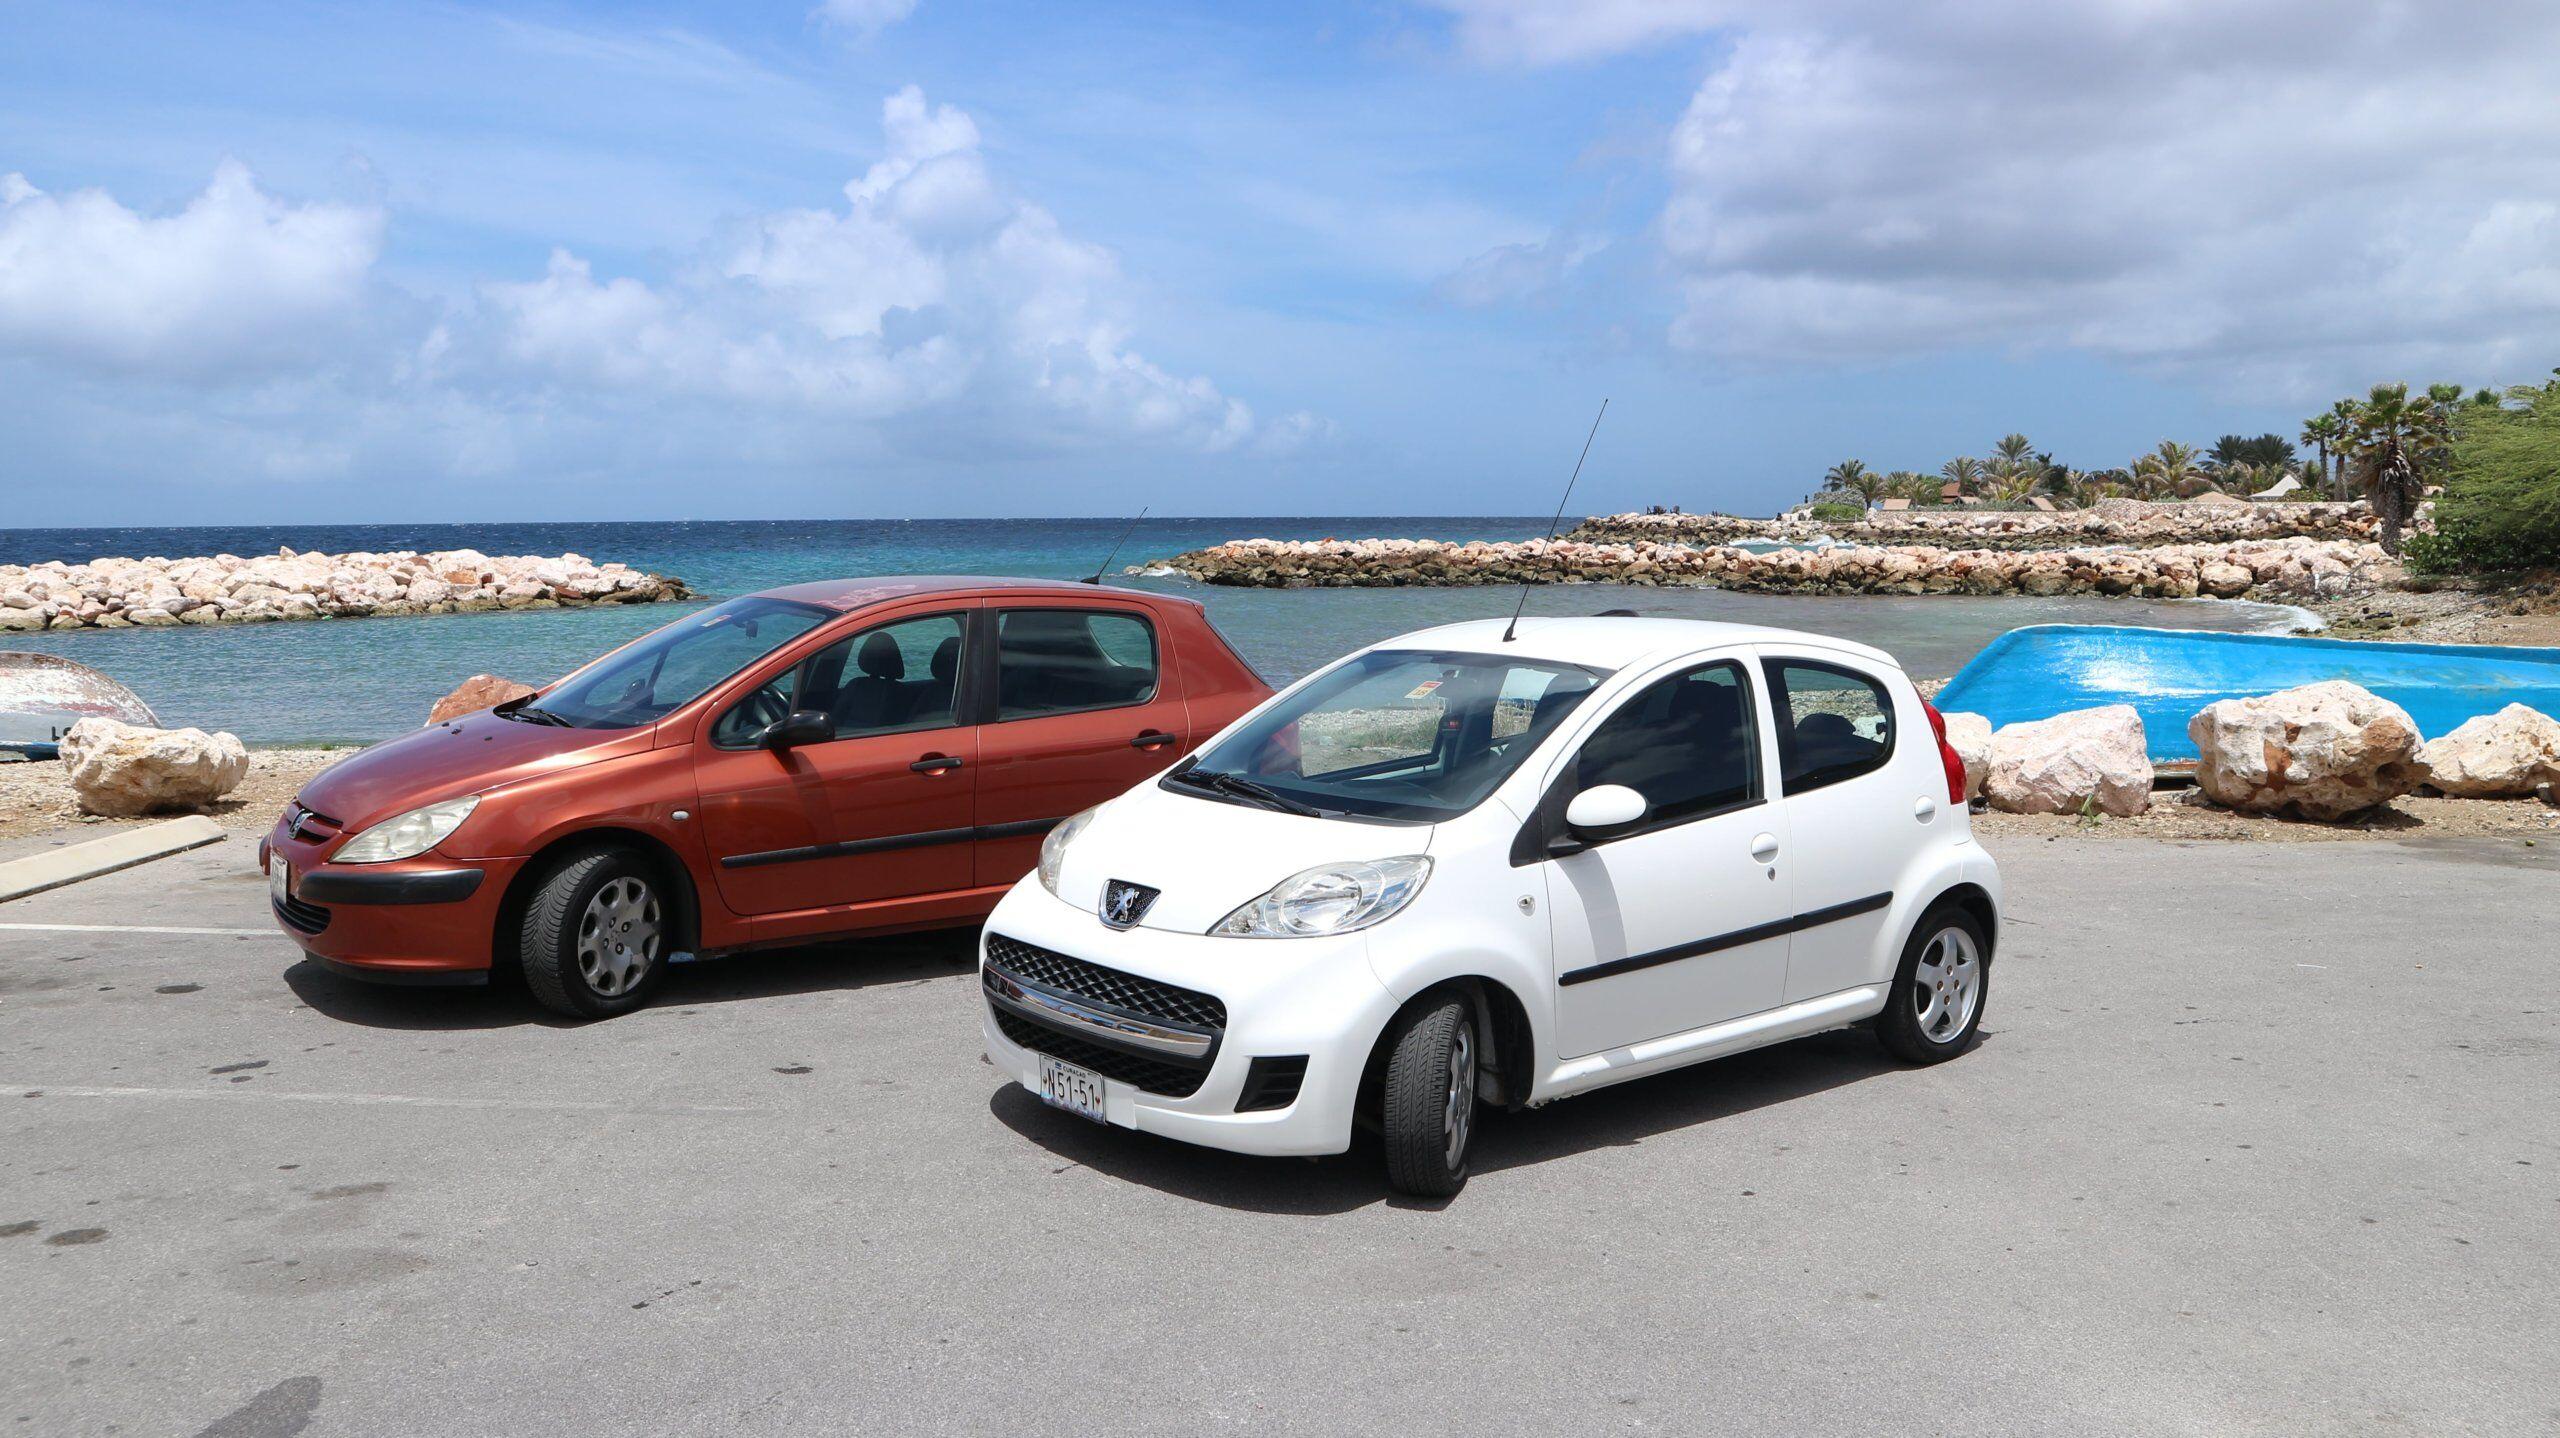 Stage auto huren op Curacao